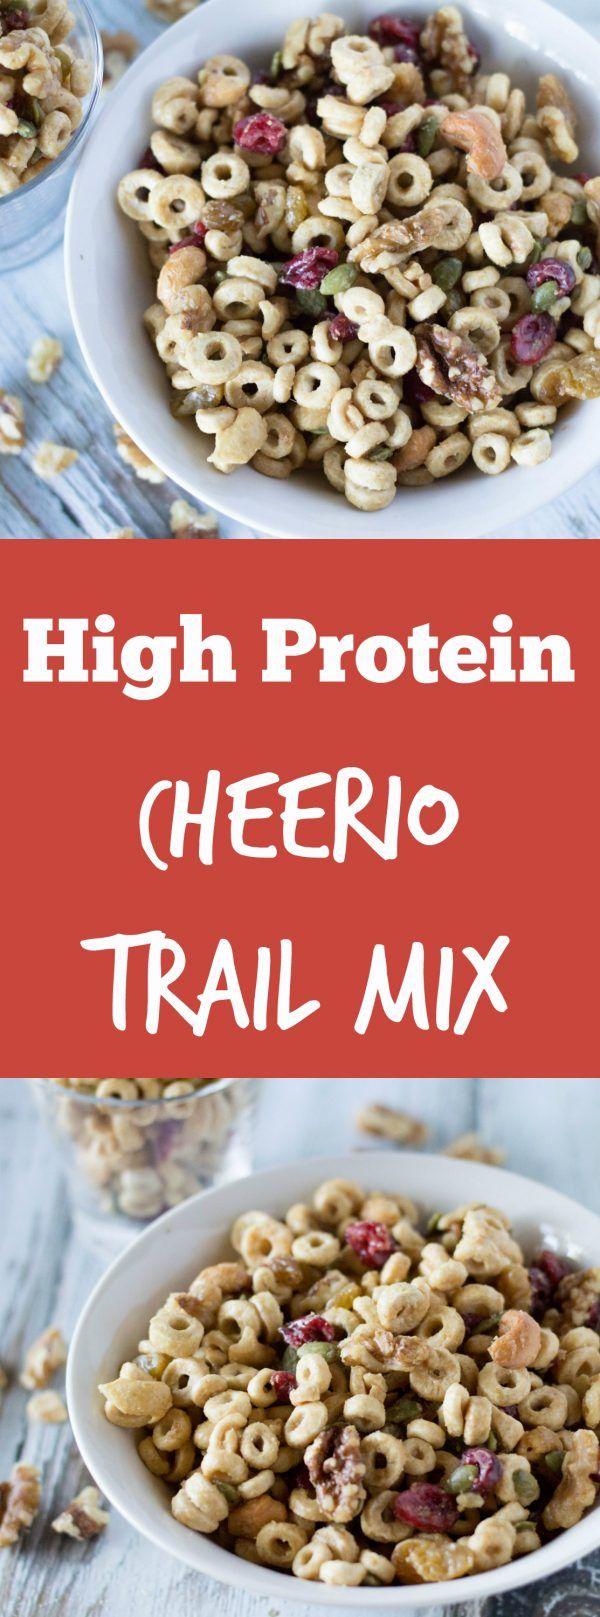 High Protein Cheerio Trail Mix |Krollskorner.com